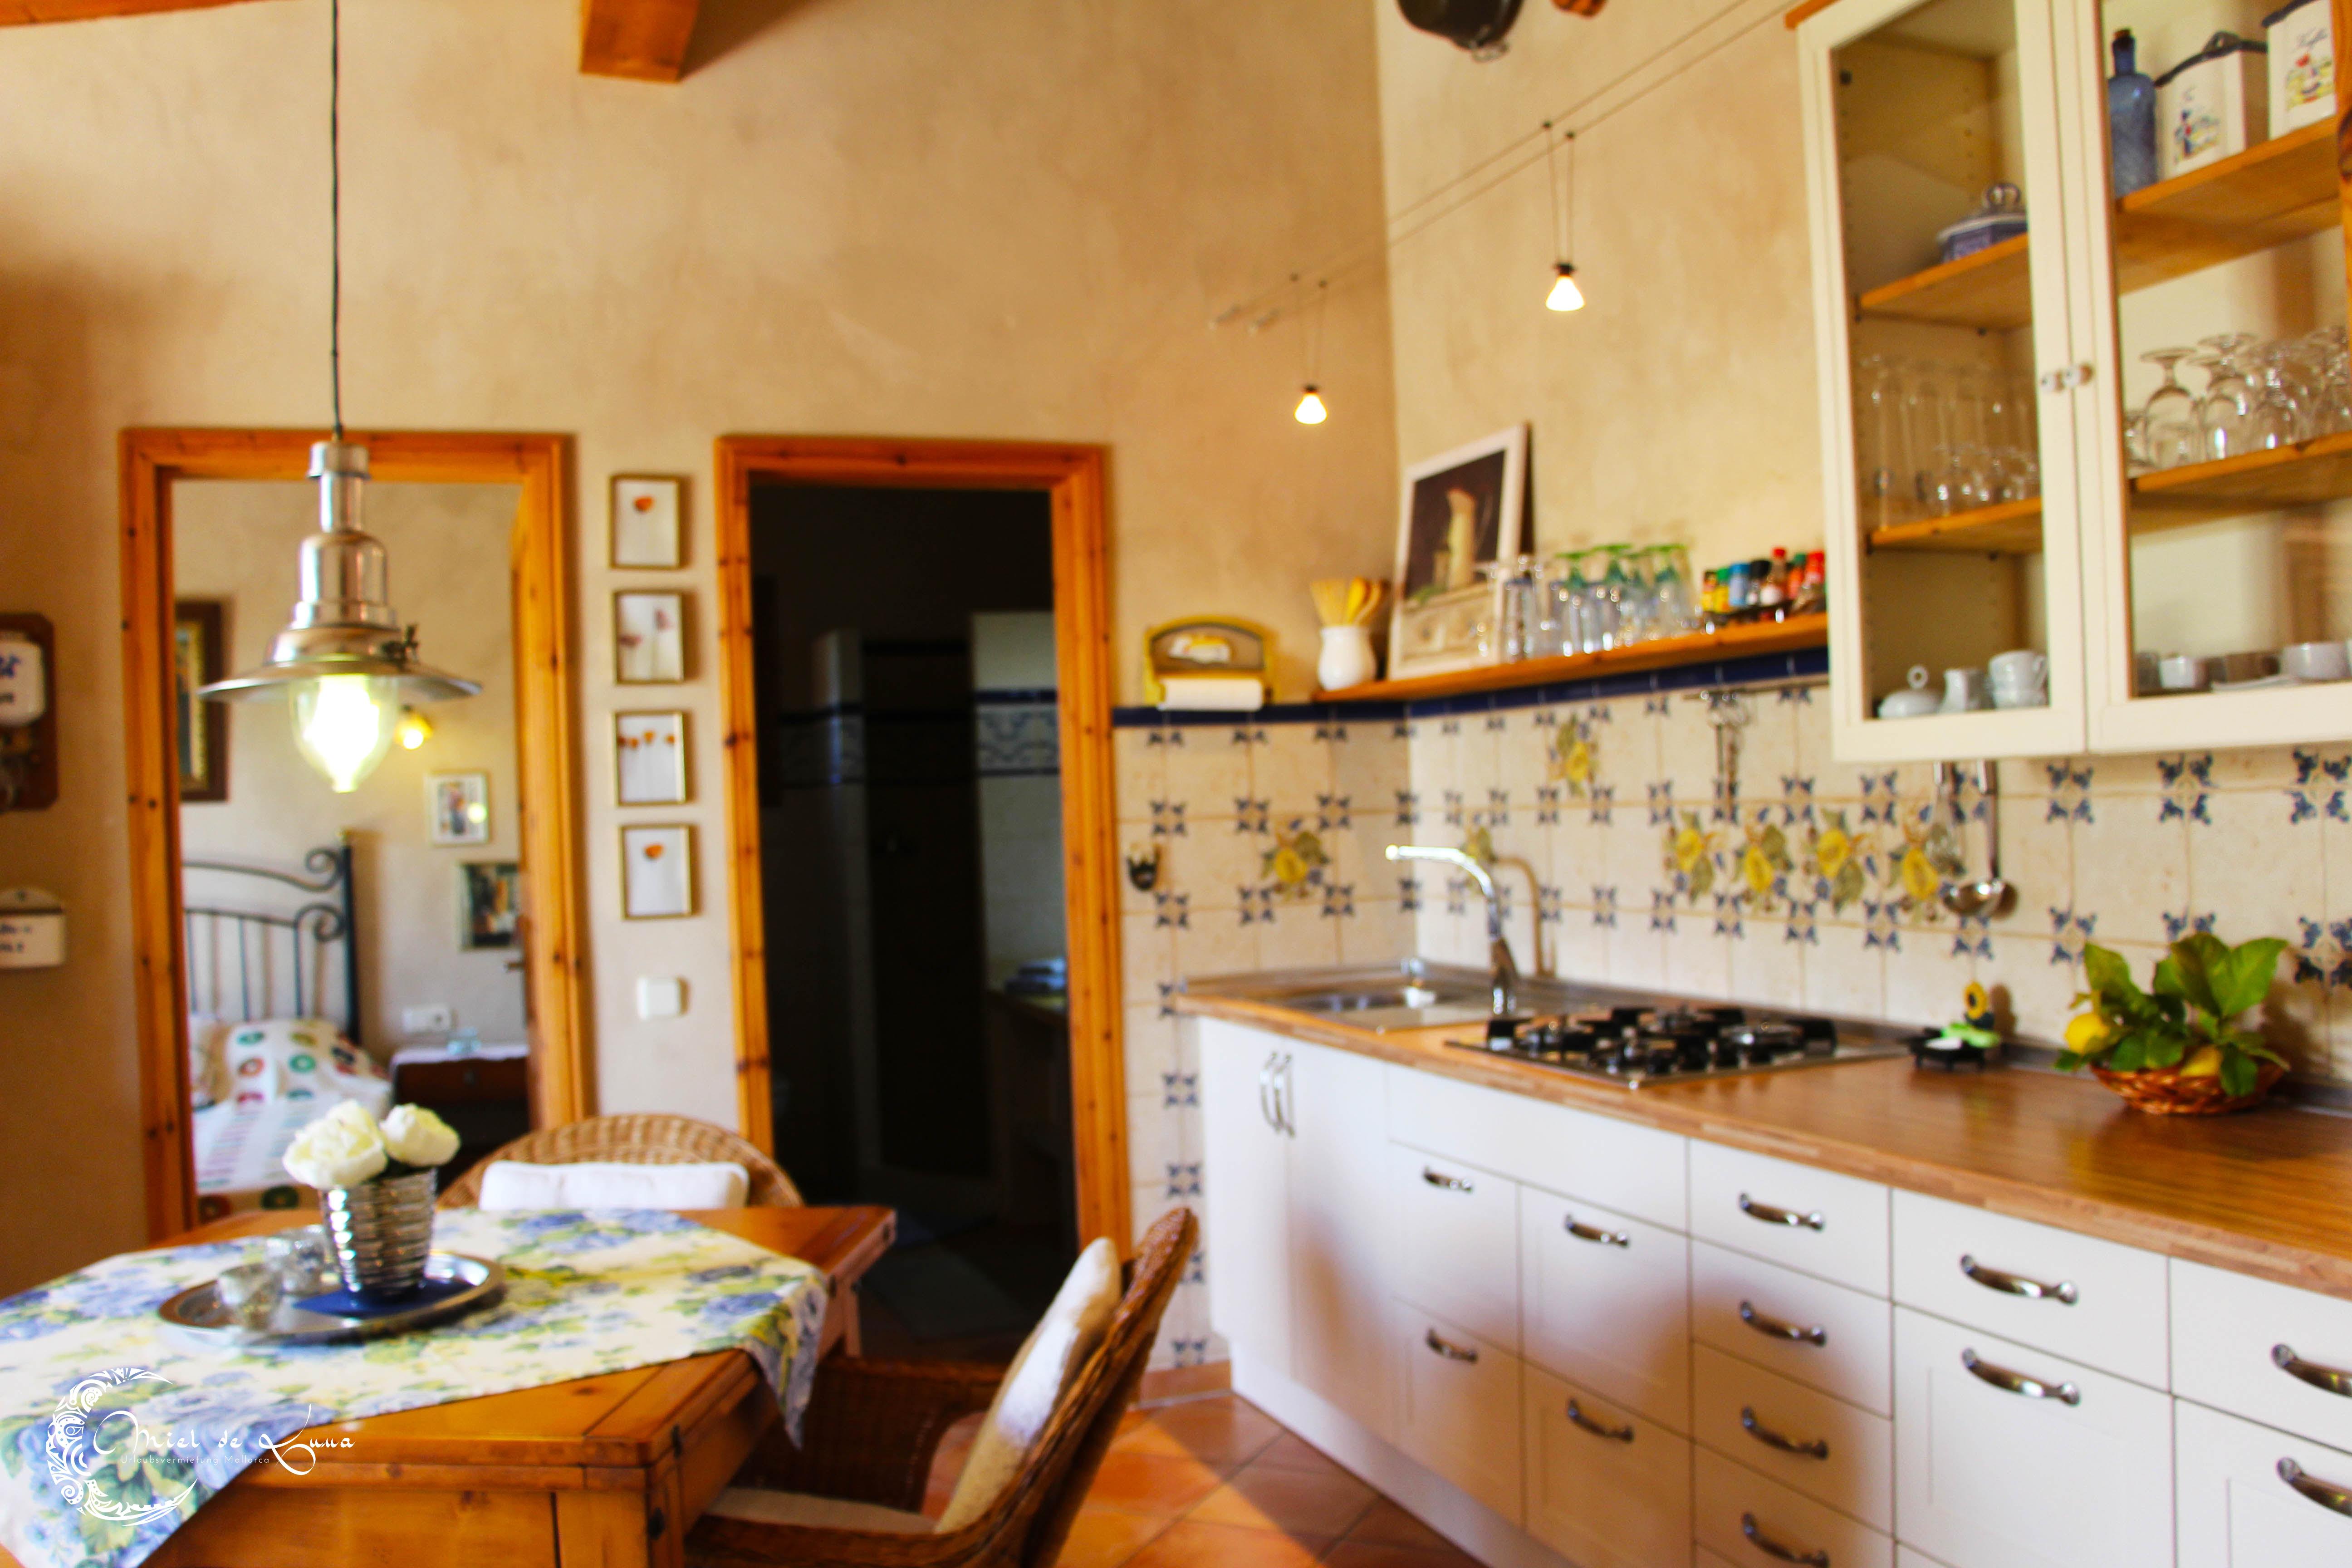 Ferienhaus mieten auf Mallorca